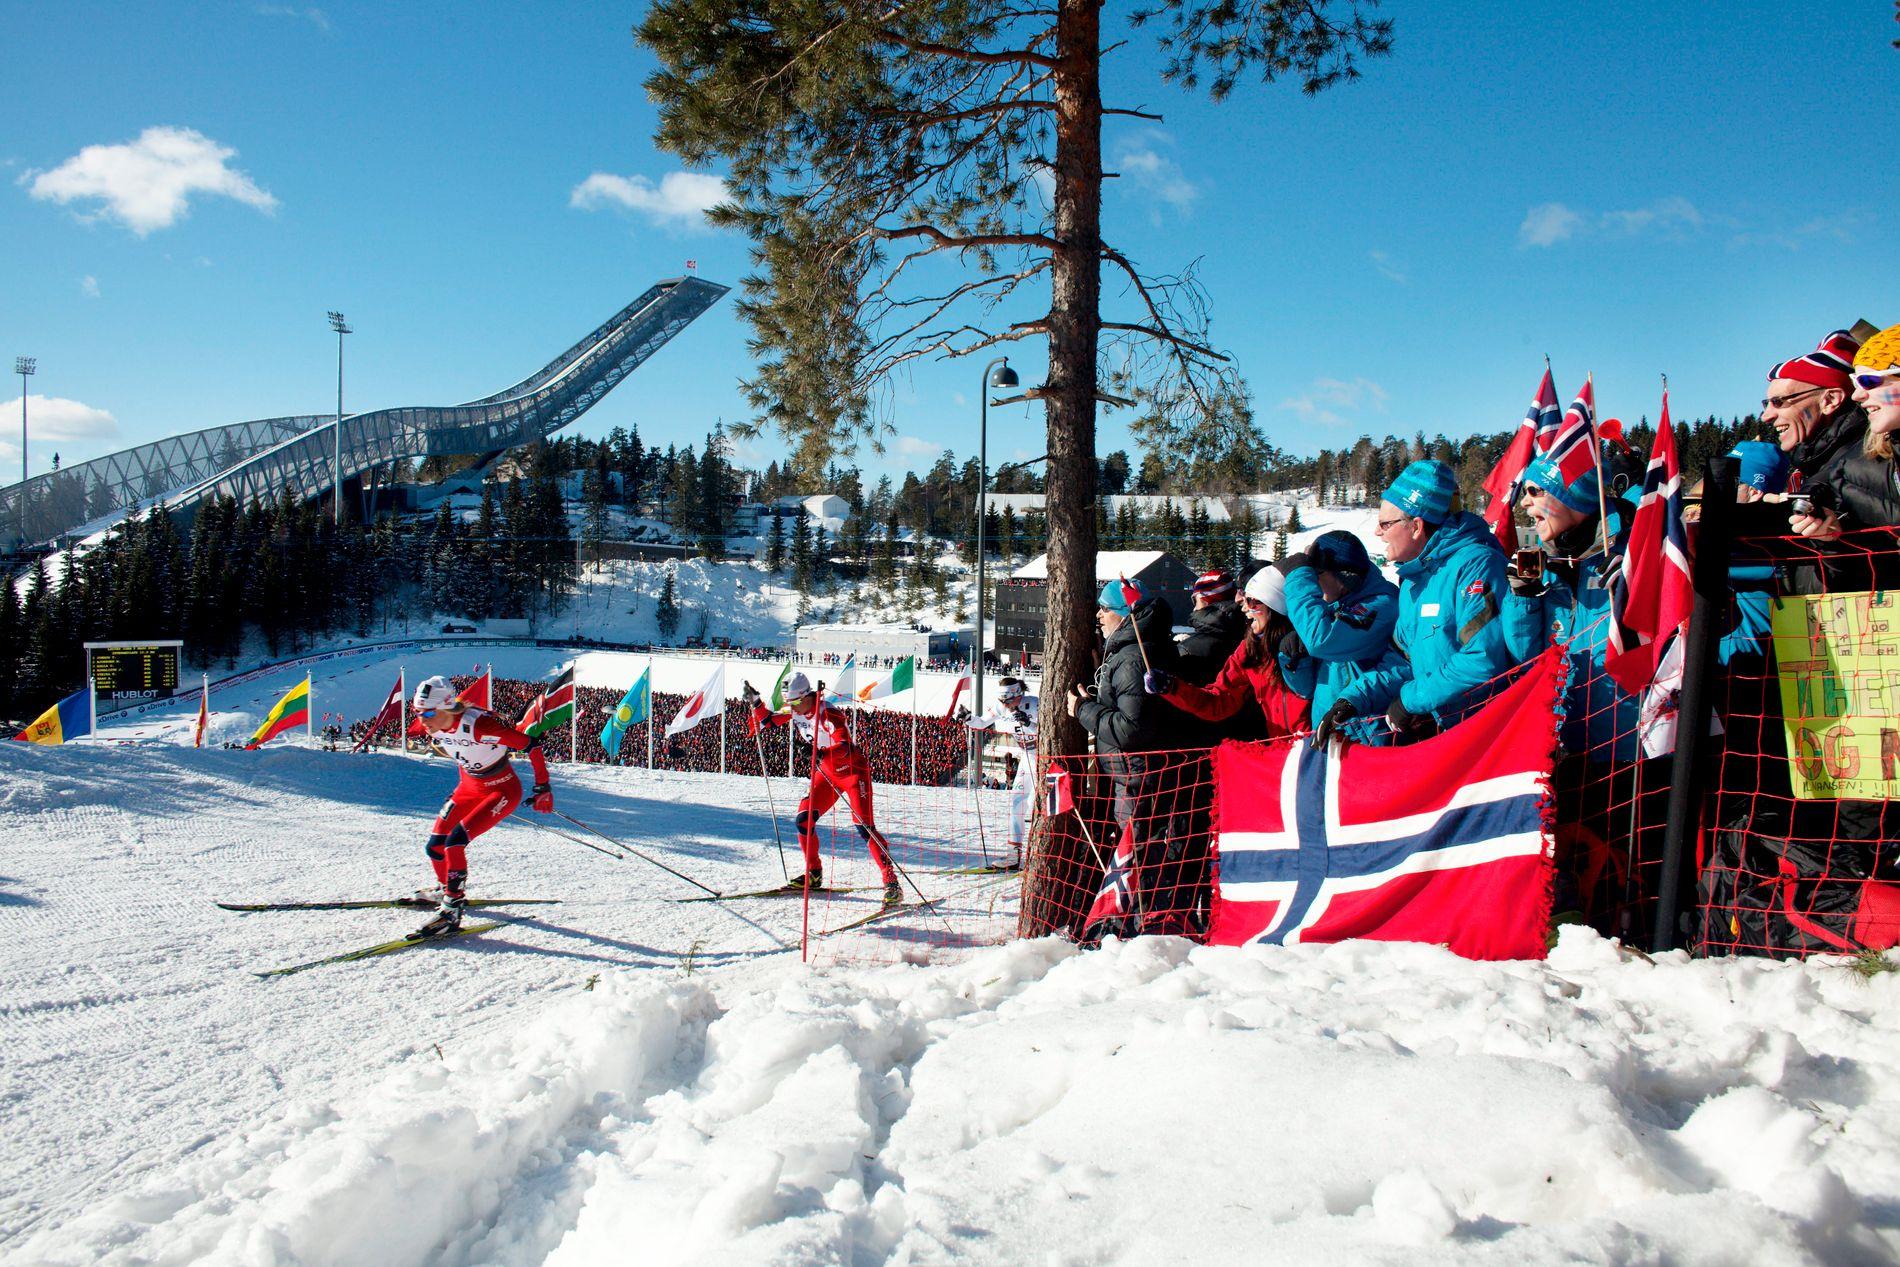 TURBULENTE ÅR: Norges skiforbunds pengebinge har krympet betydelig etter bortfallet av automatinntekter. Bildet er fra ski-VM i Oslo i 2011. Mesterskapet ga et overskudd på 68 millioner kroner.